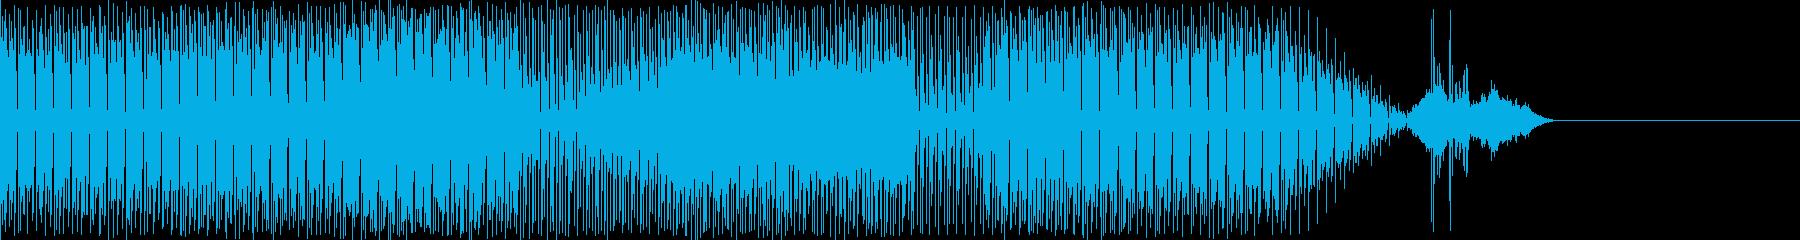 遅いレゲエ。背景をポップします。の再生済みの波形